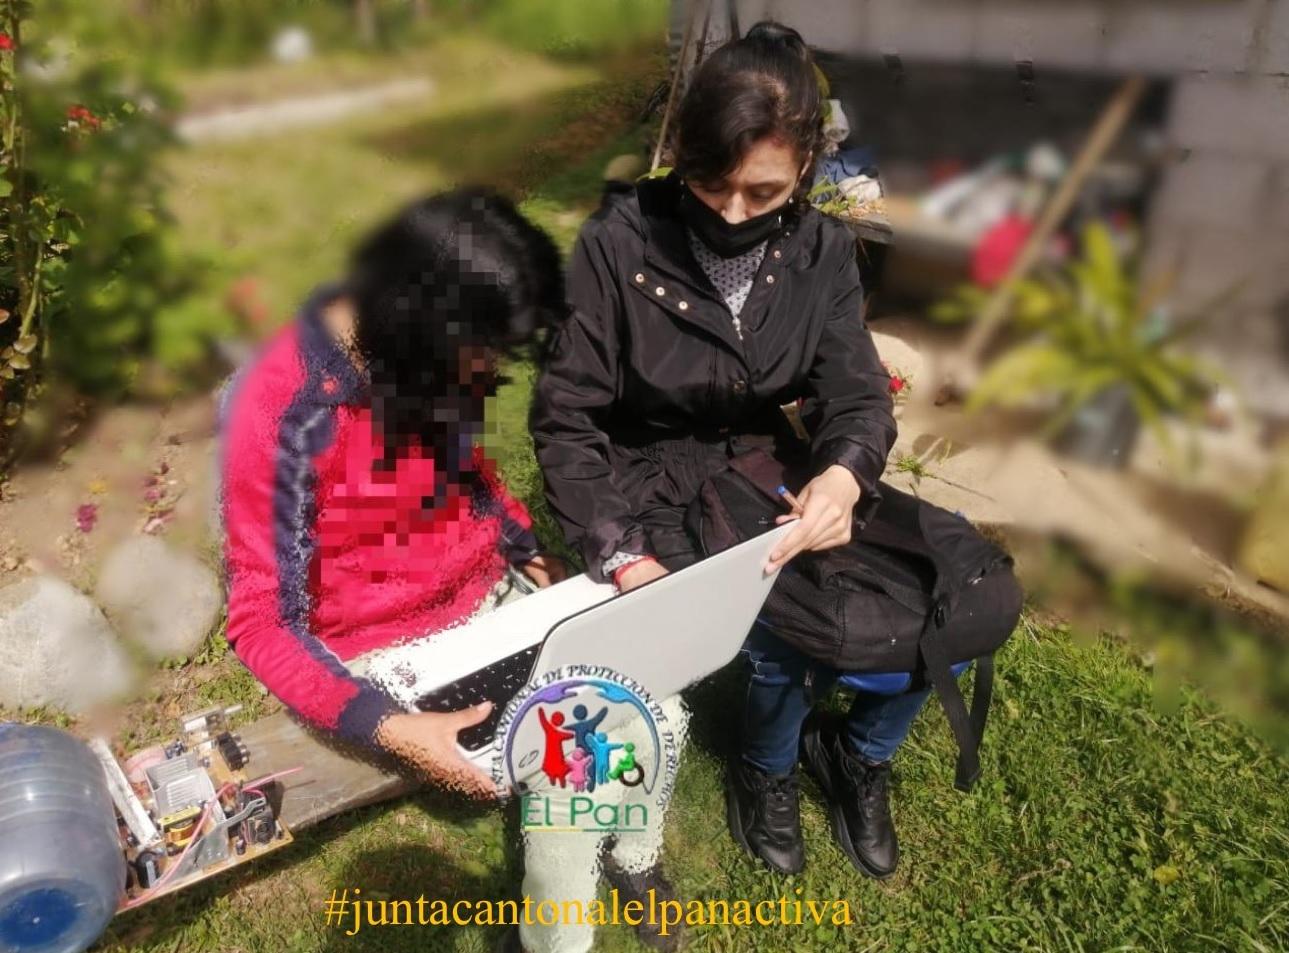 CAMPAÑA COMPARTE EDUCACIÓN DIGITAL